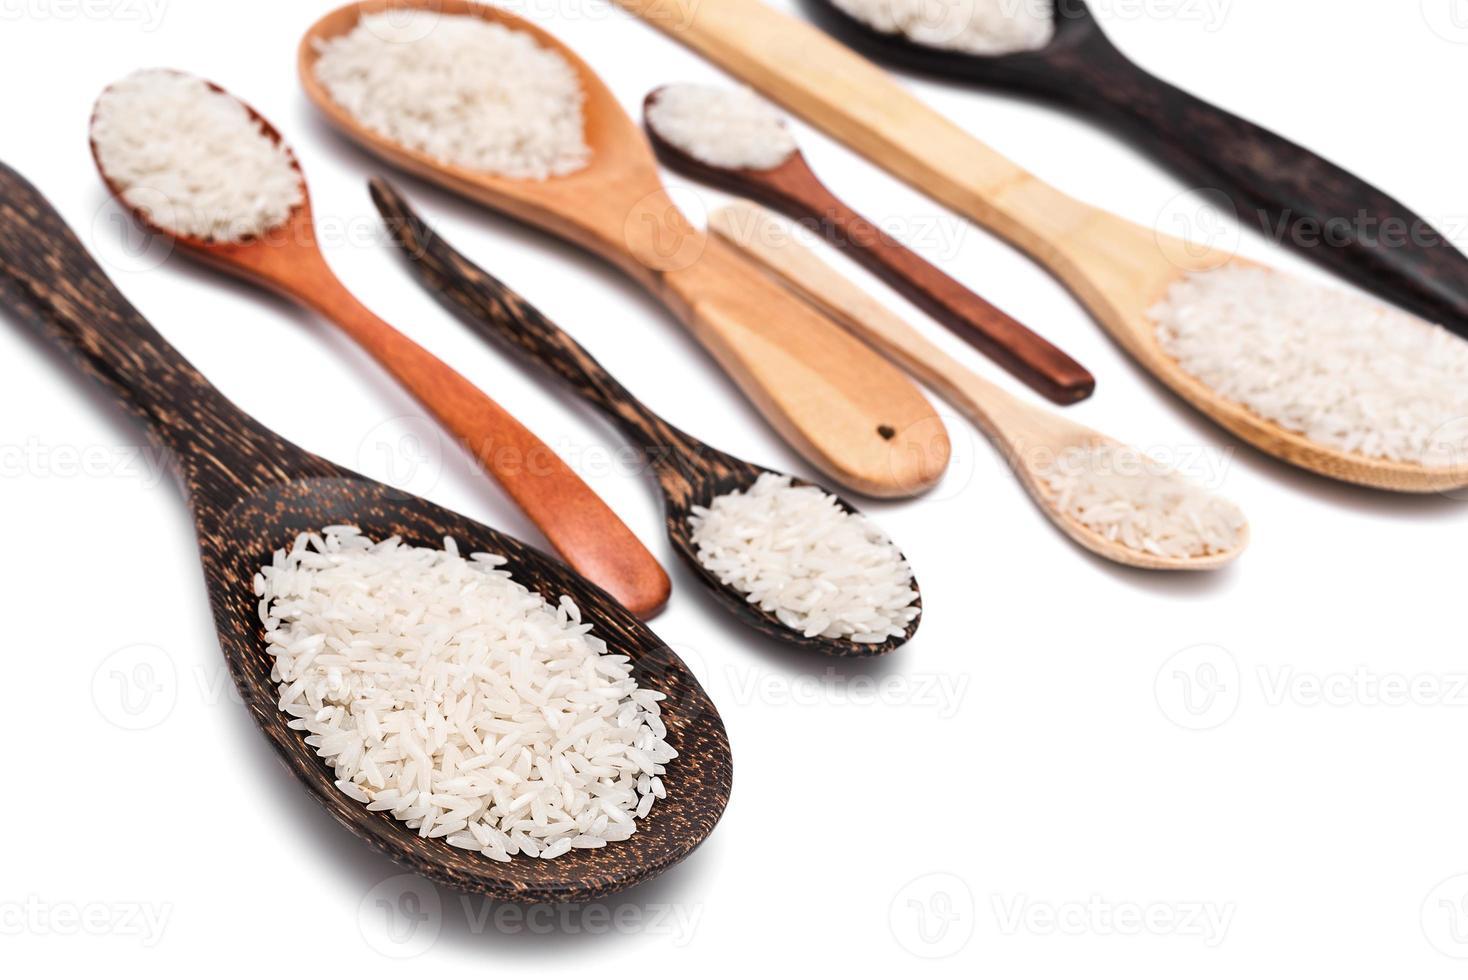 set di diversi cucchiai di legno con riso bianco foto